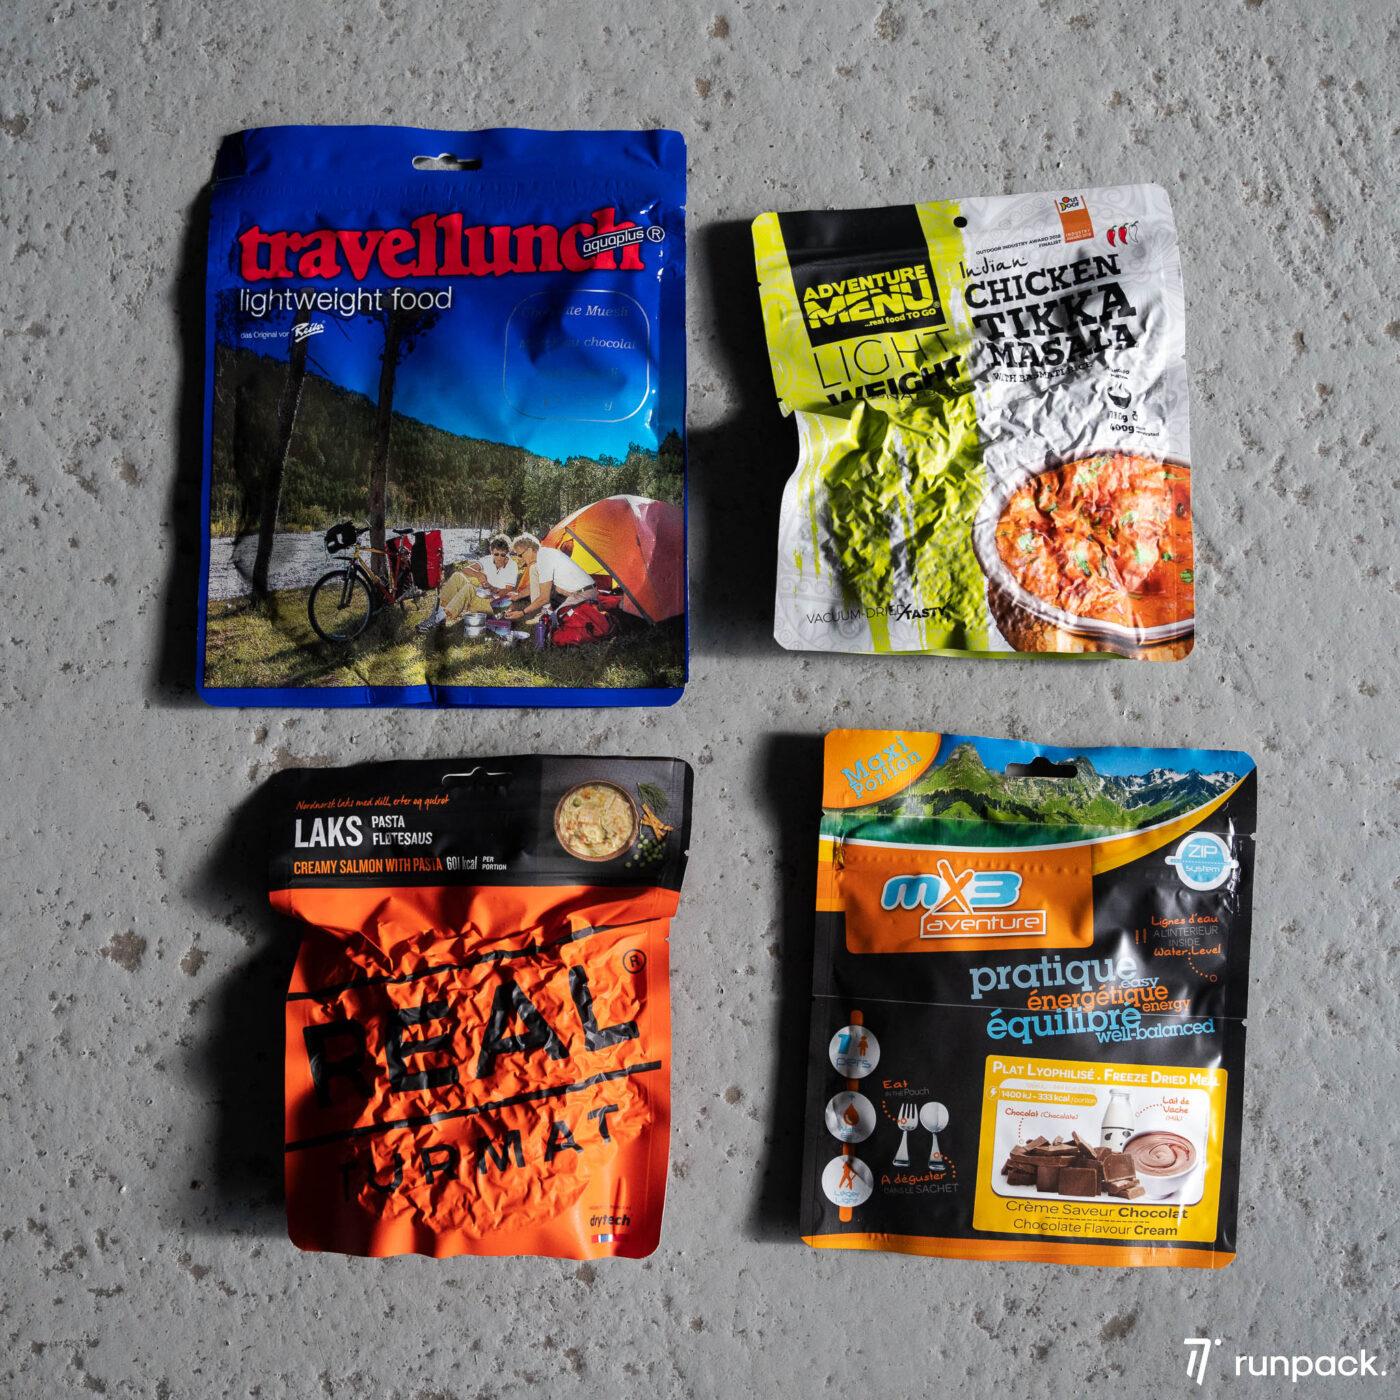 produits lyophilise and co runpack 2